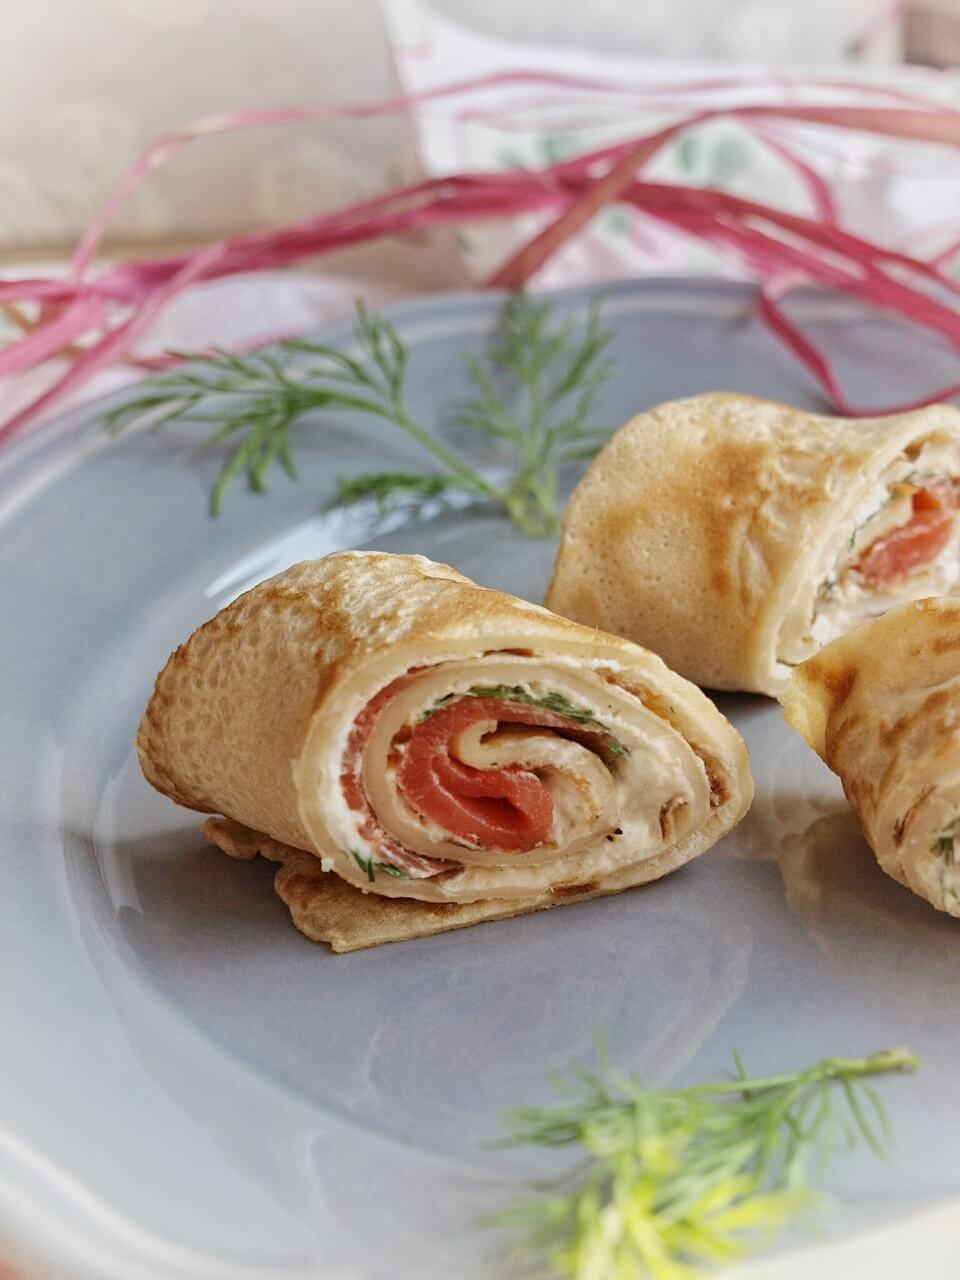 Lachsröllchen mit Frischkäse, Meerrettich und Dill - gerollte Dinkel Pfannkuchen mit Lachs